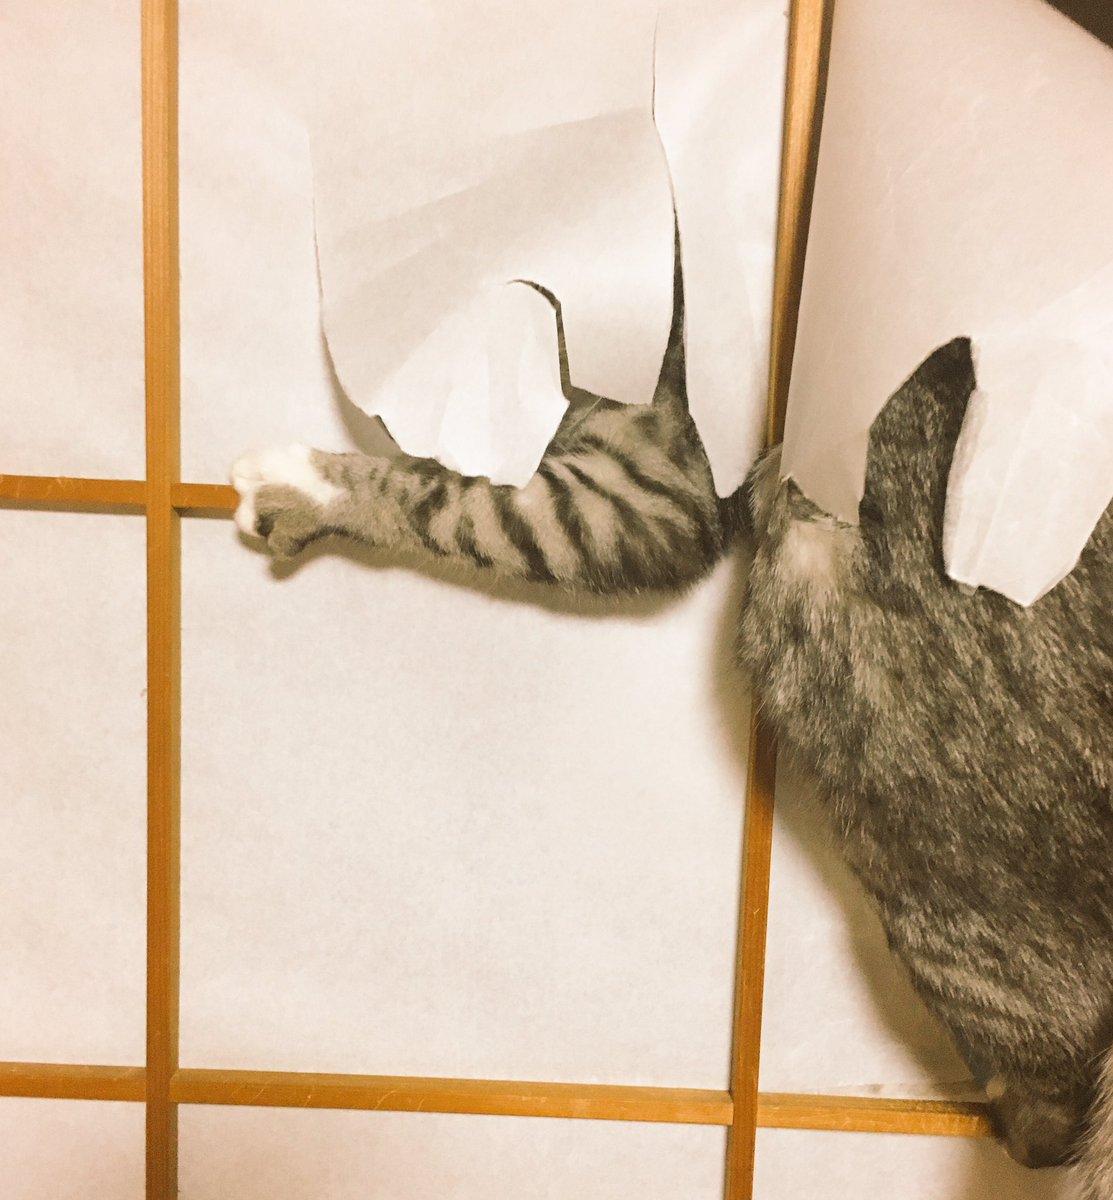 「この時間の猫のテンションをご覧ください」